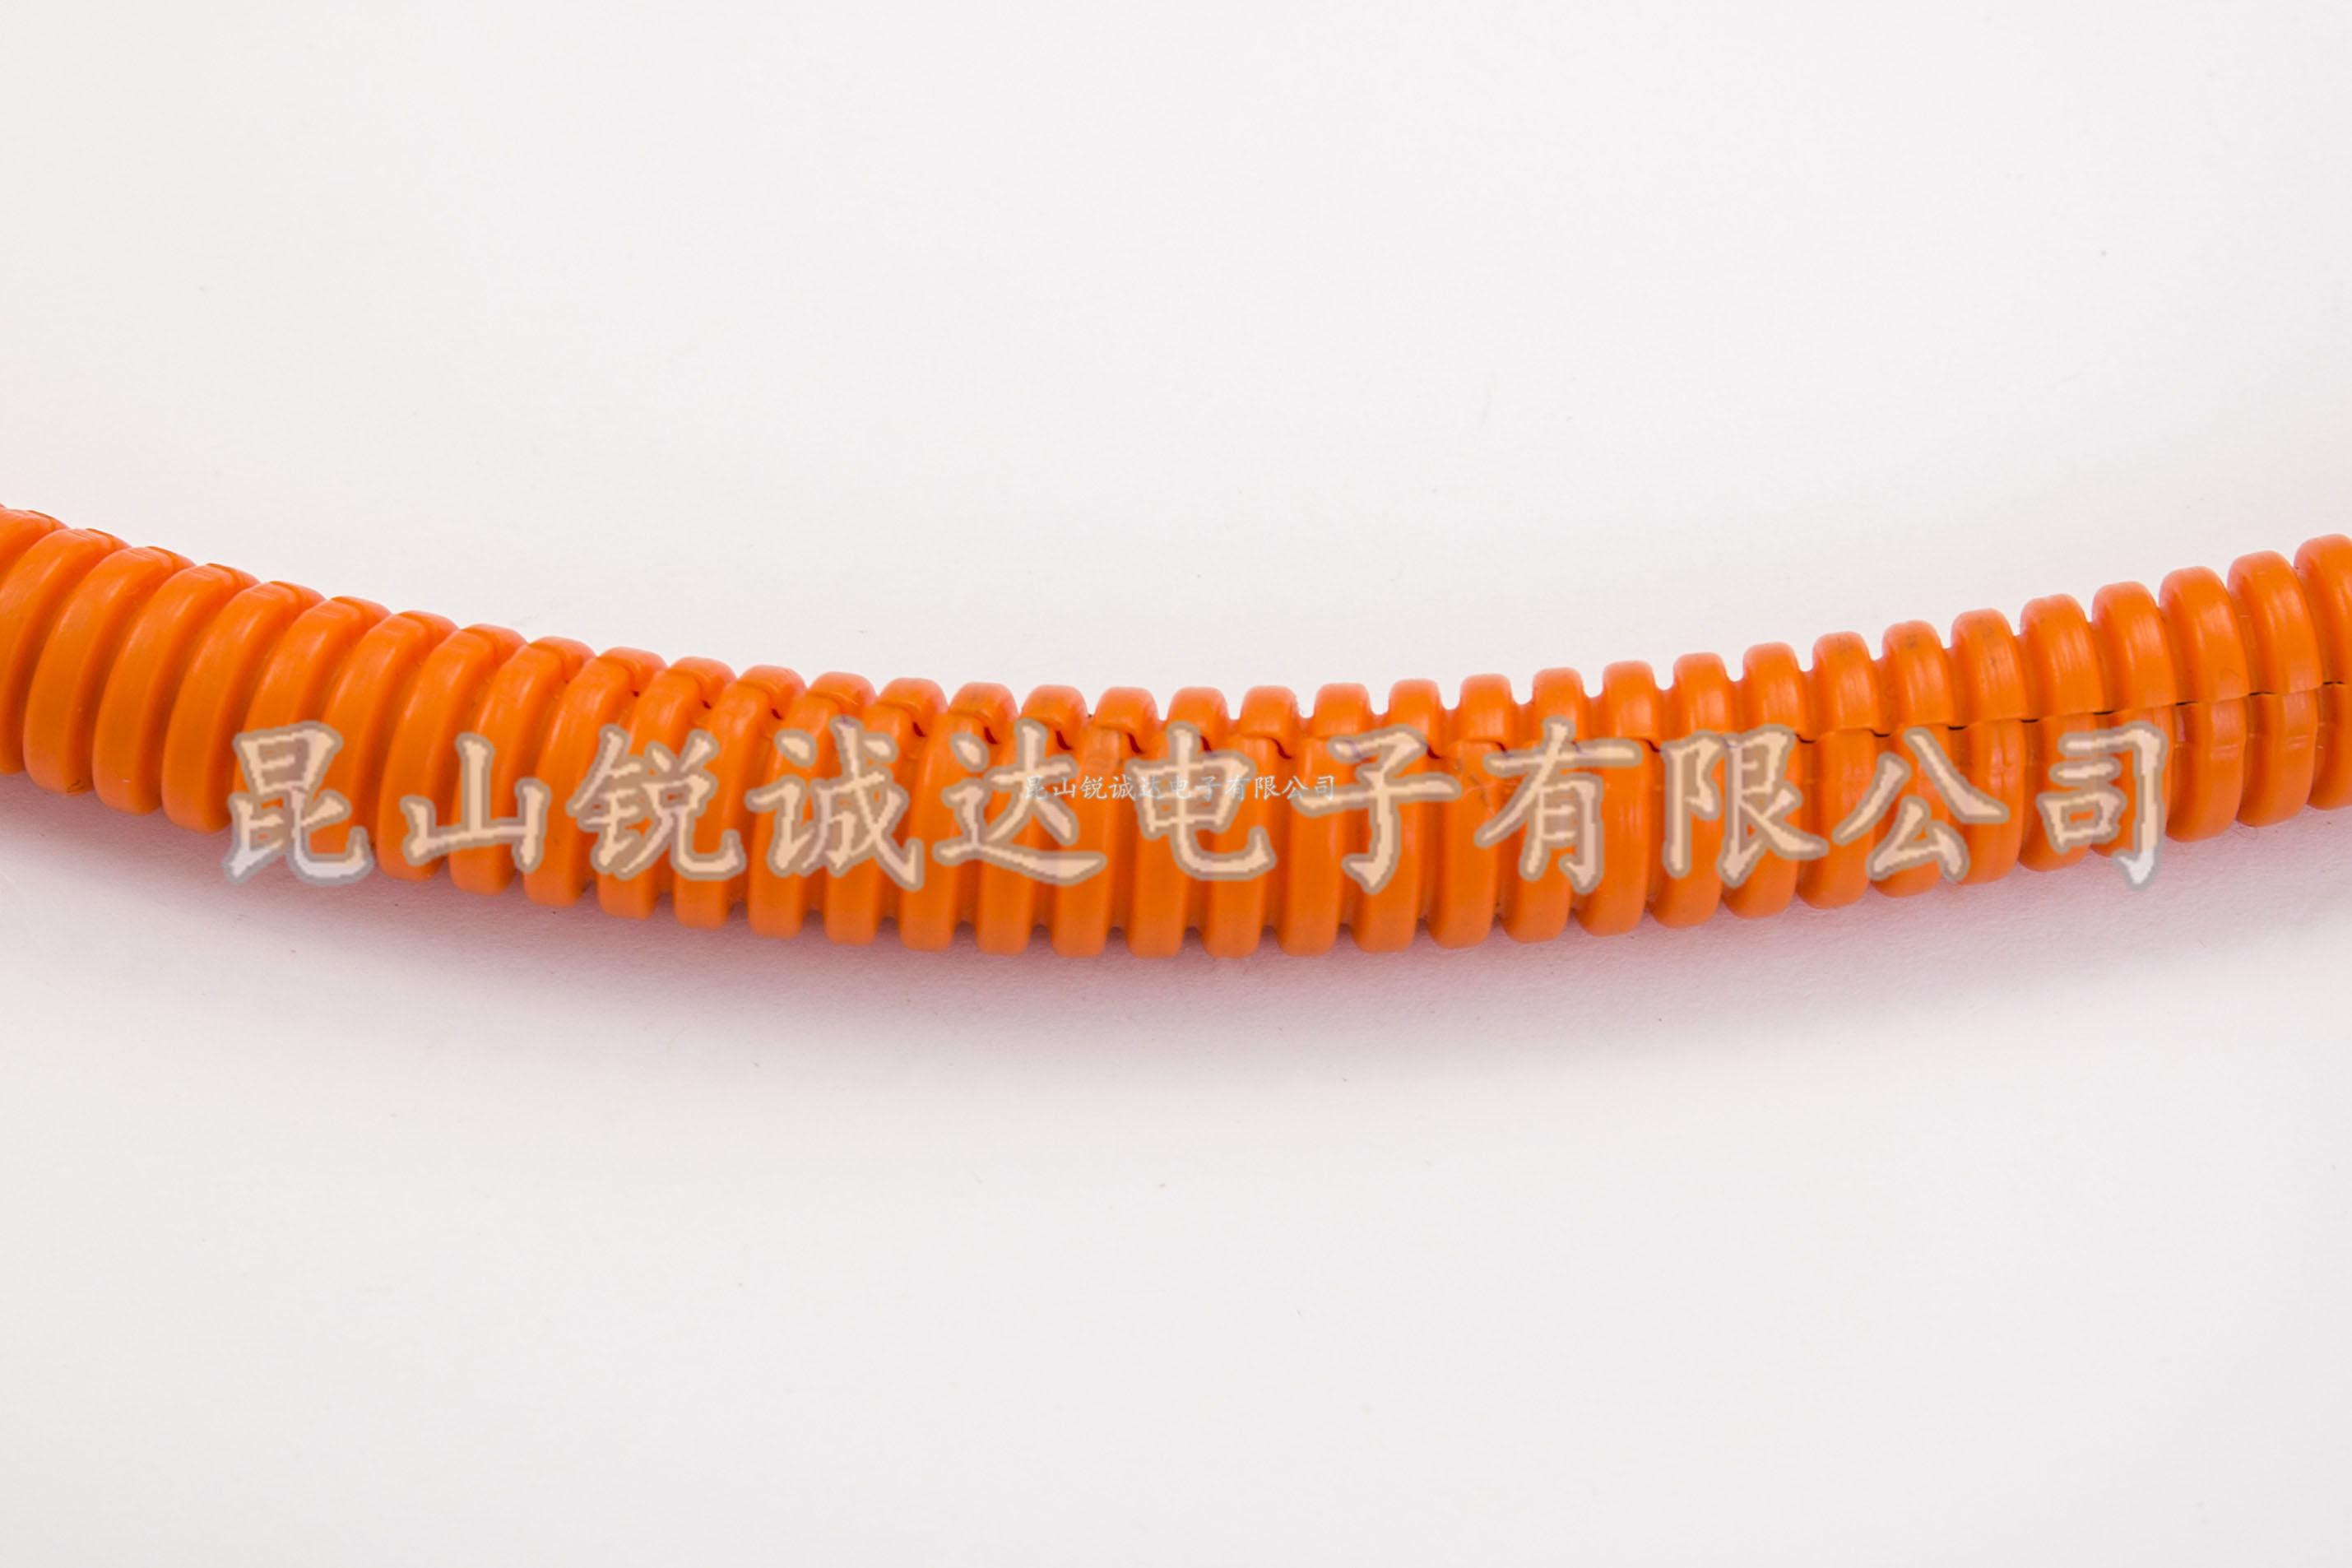 江苏优质控制器线束质量怎么样 欢迎咨询 锐诚达供